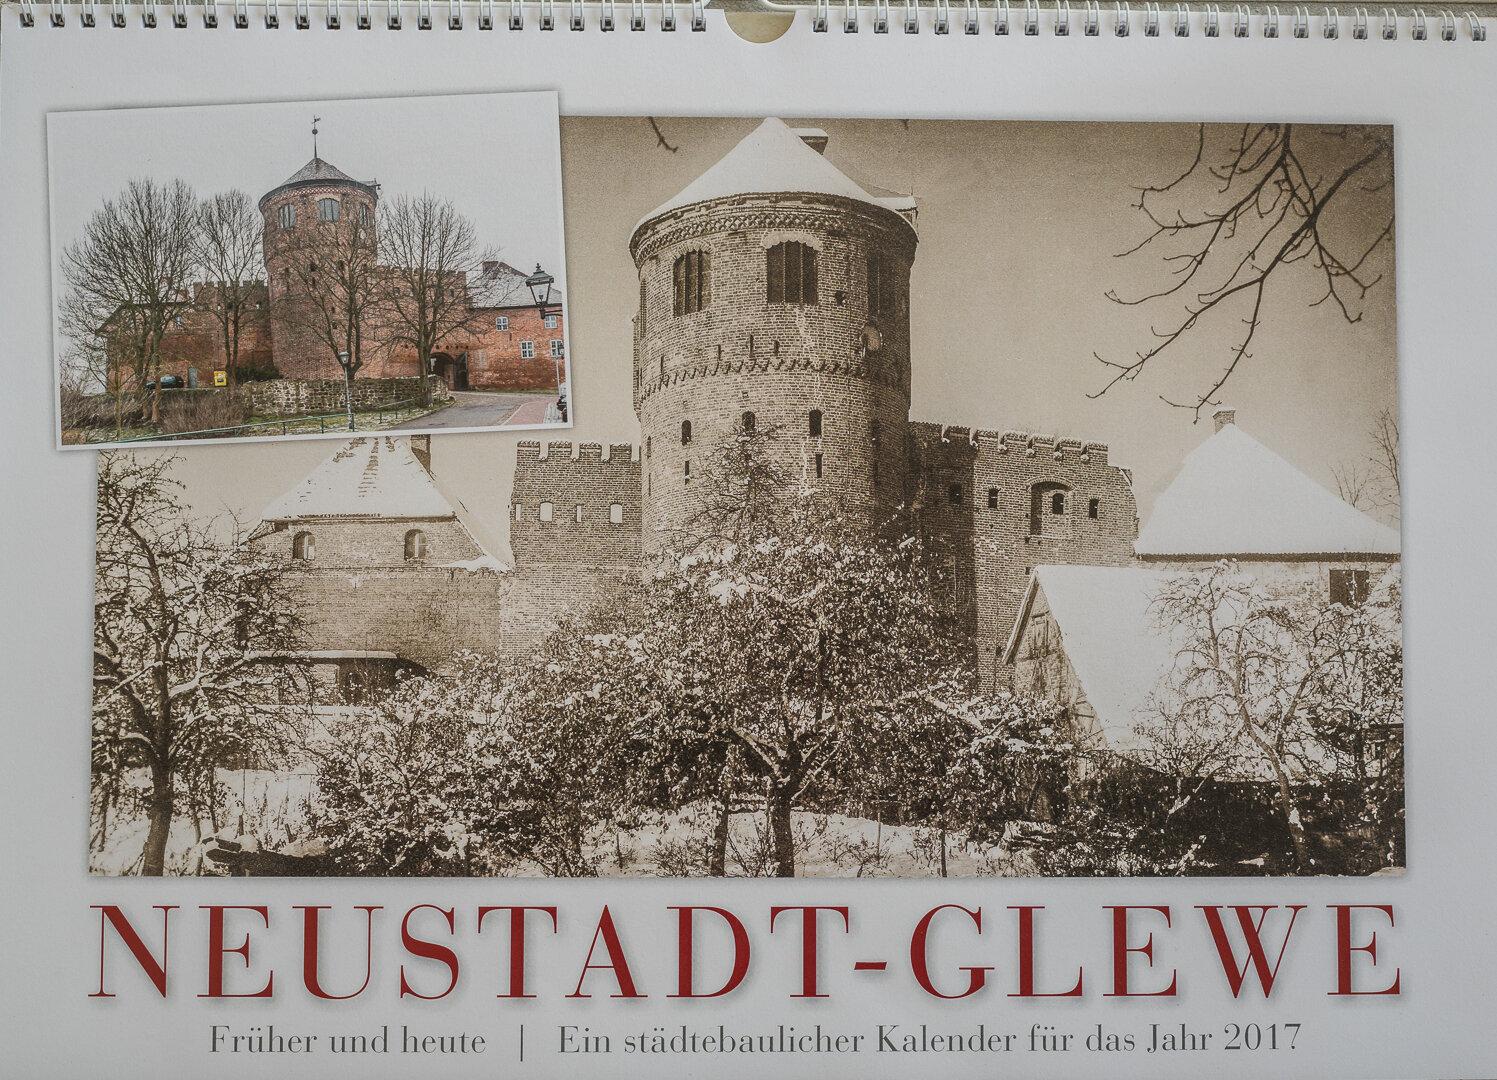 NEUSTADT-GLEWE - Früher und heute - Ein städtebaulicher Kalender für das Jahr 2017